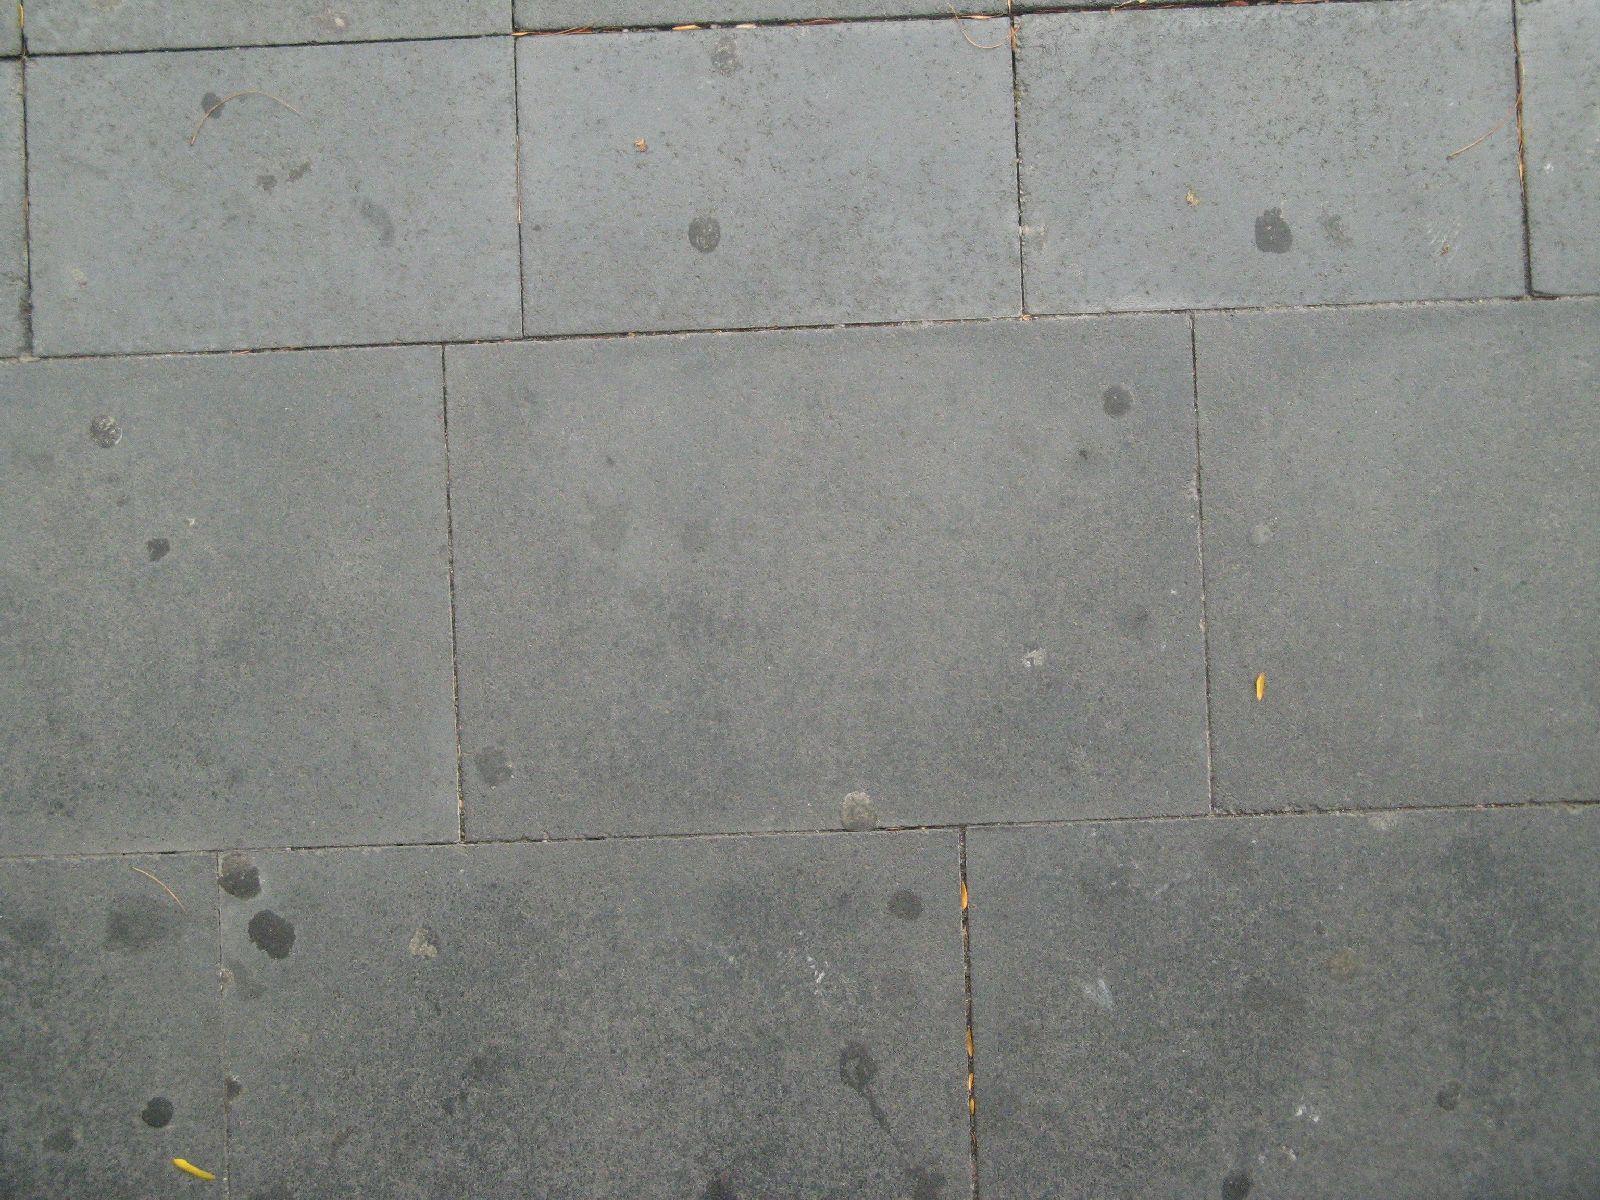 Ground-Urban_Texture_B_3323